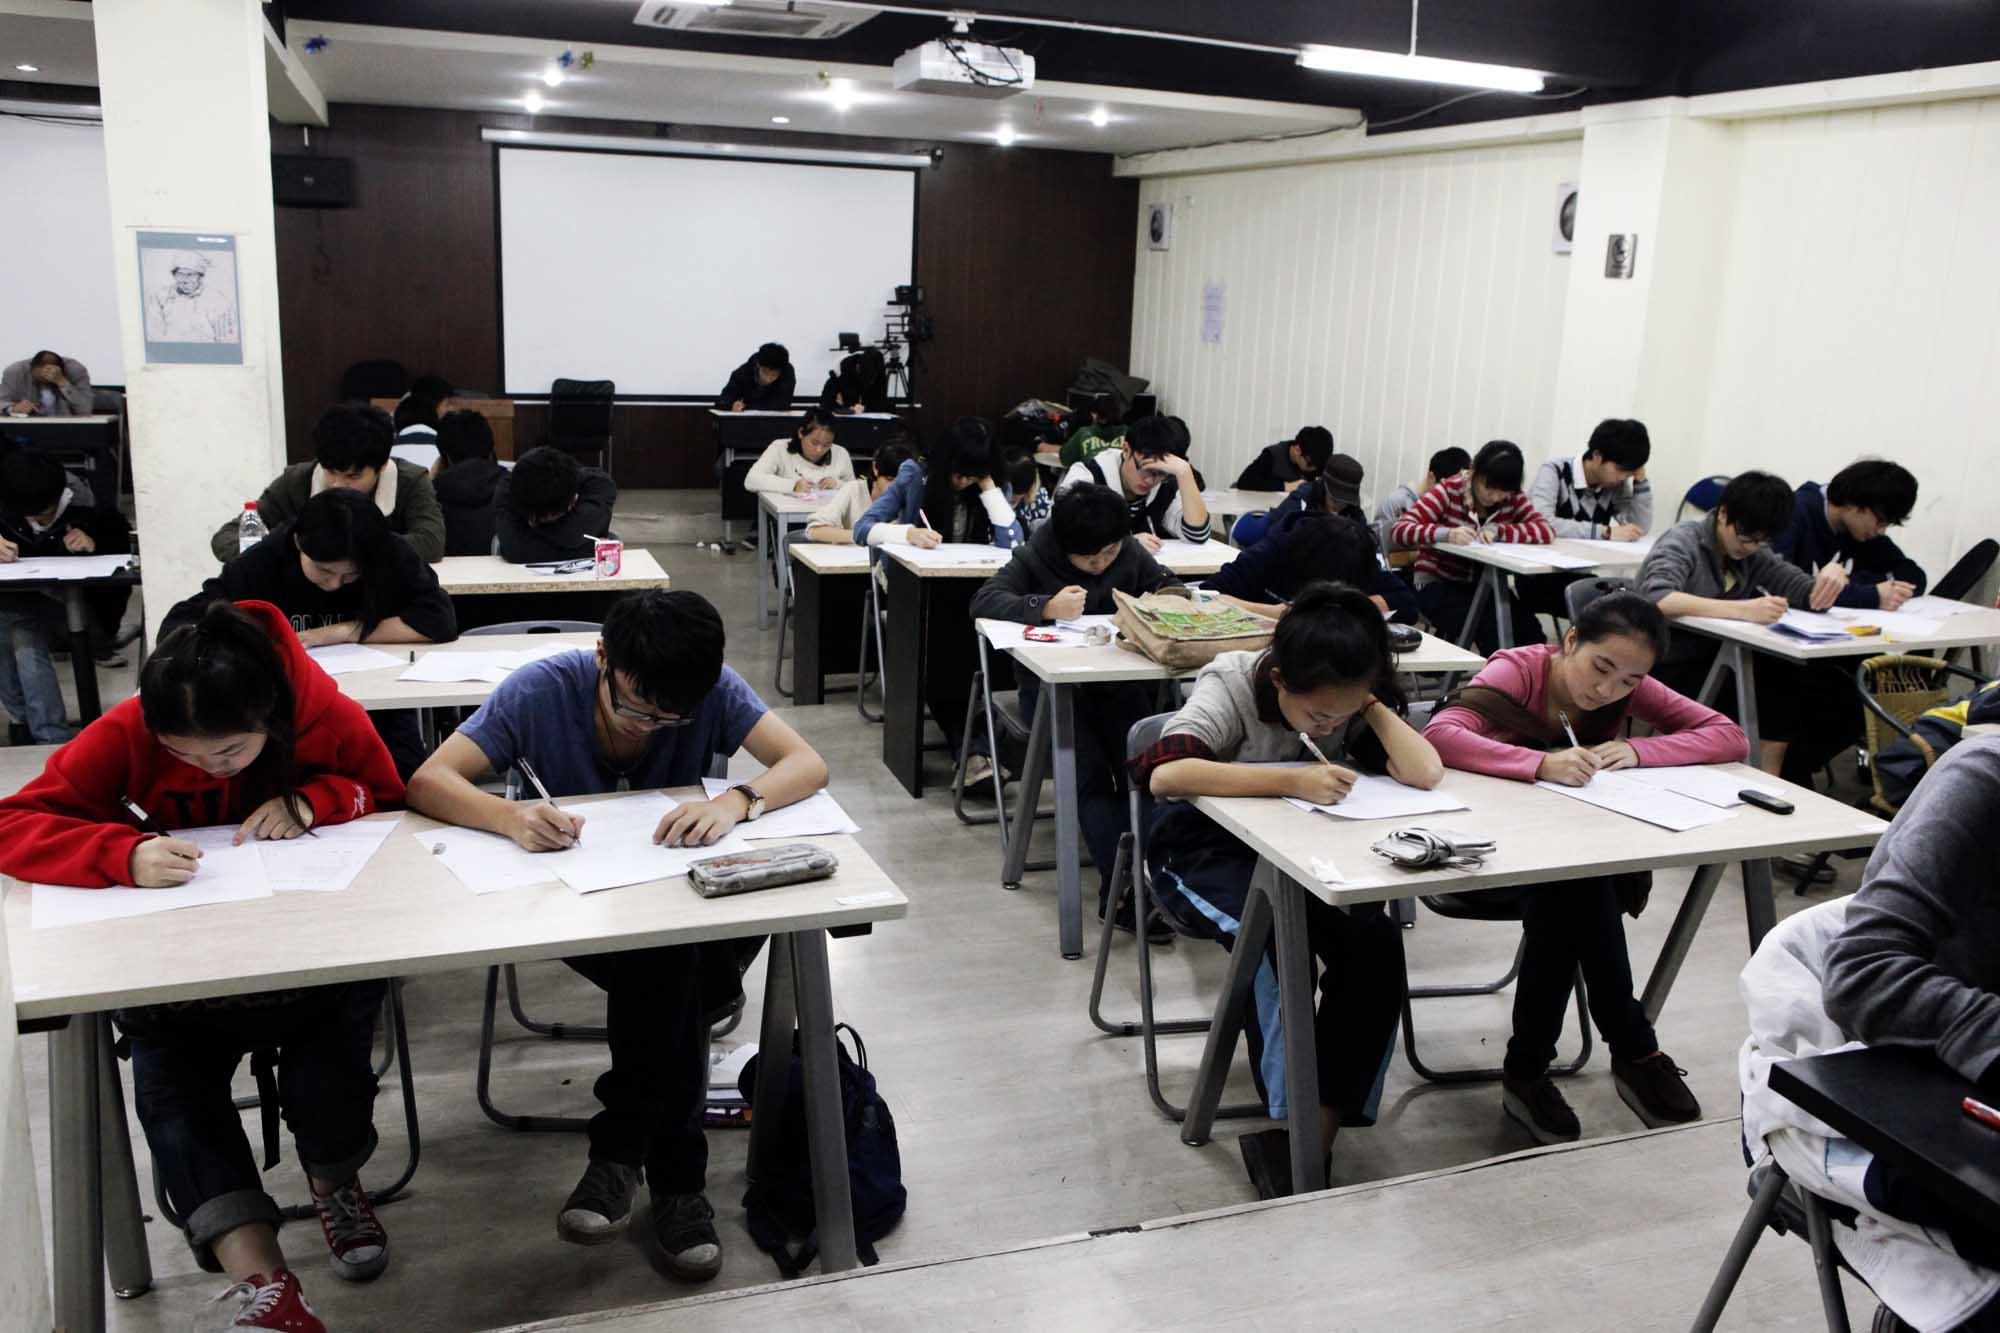 杭州艺术生文化课培训